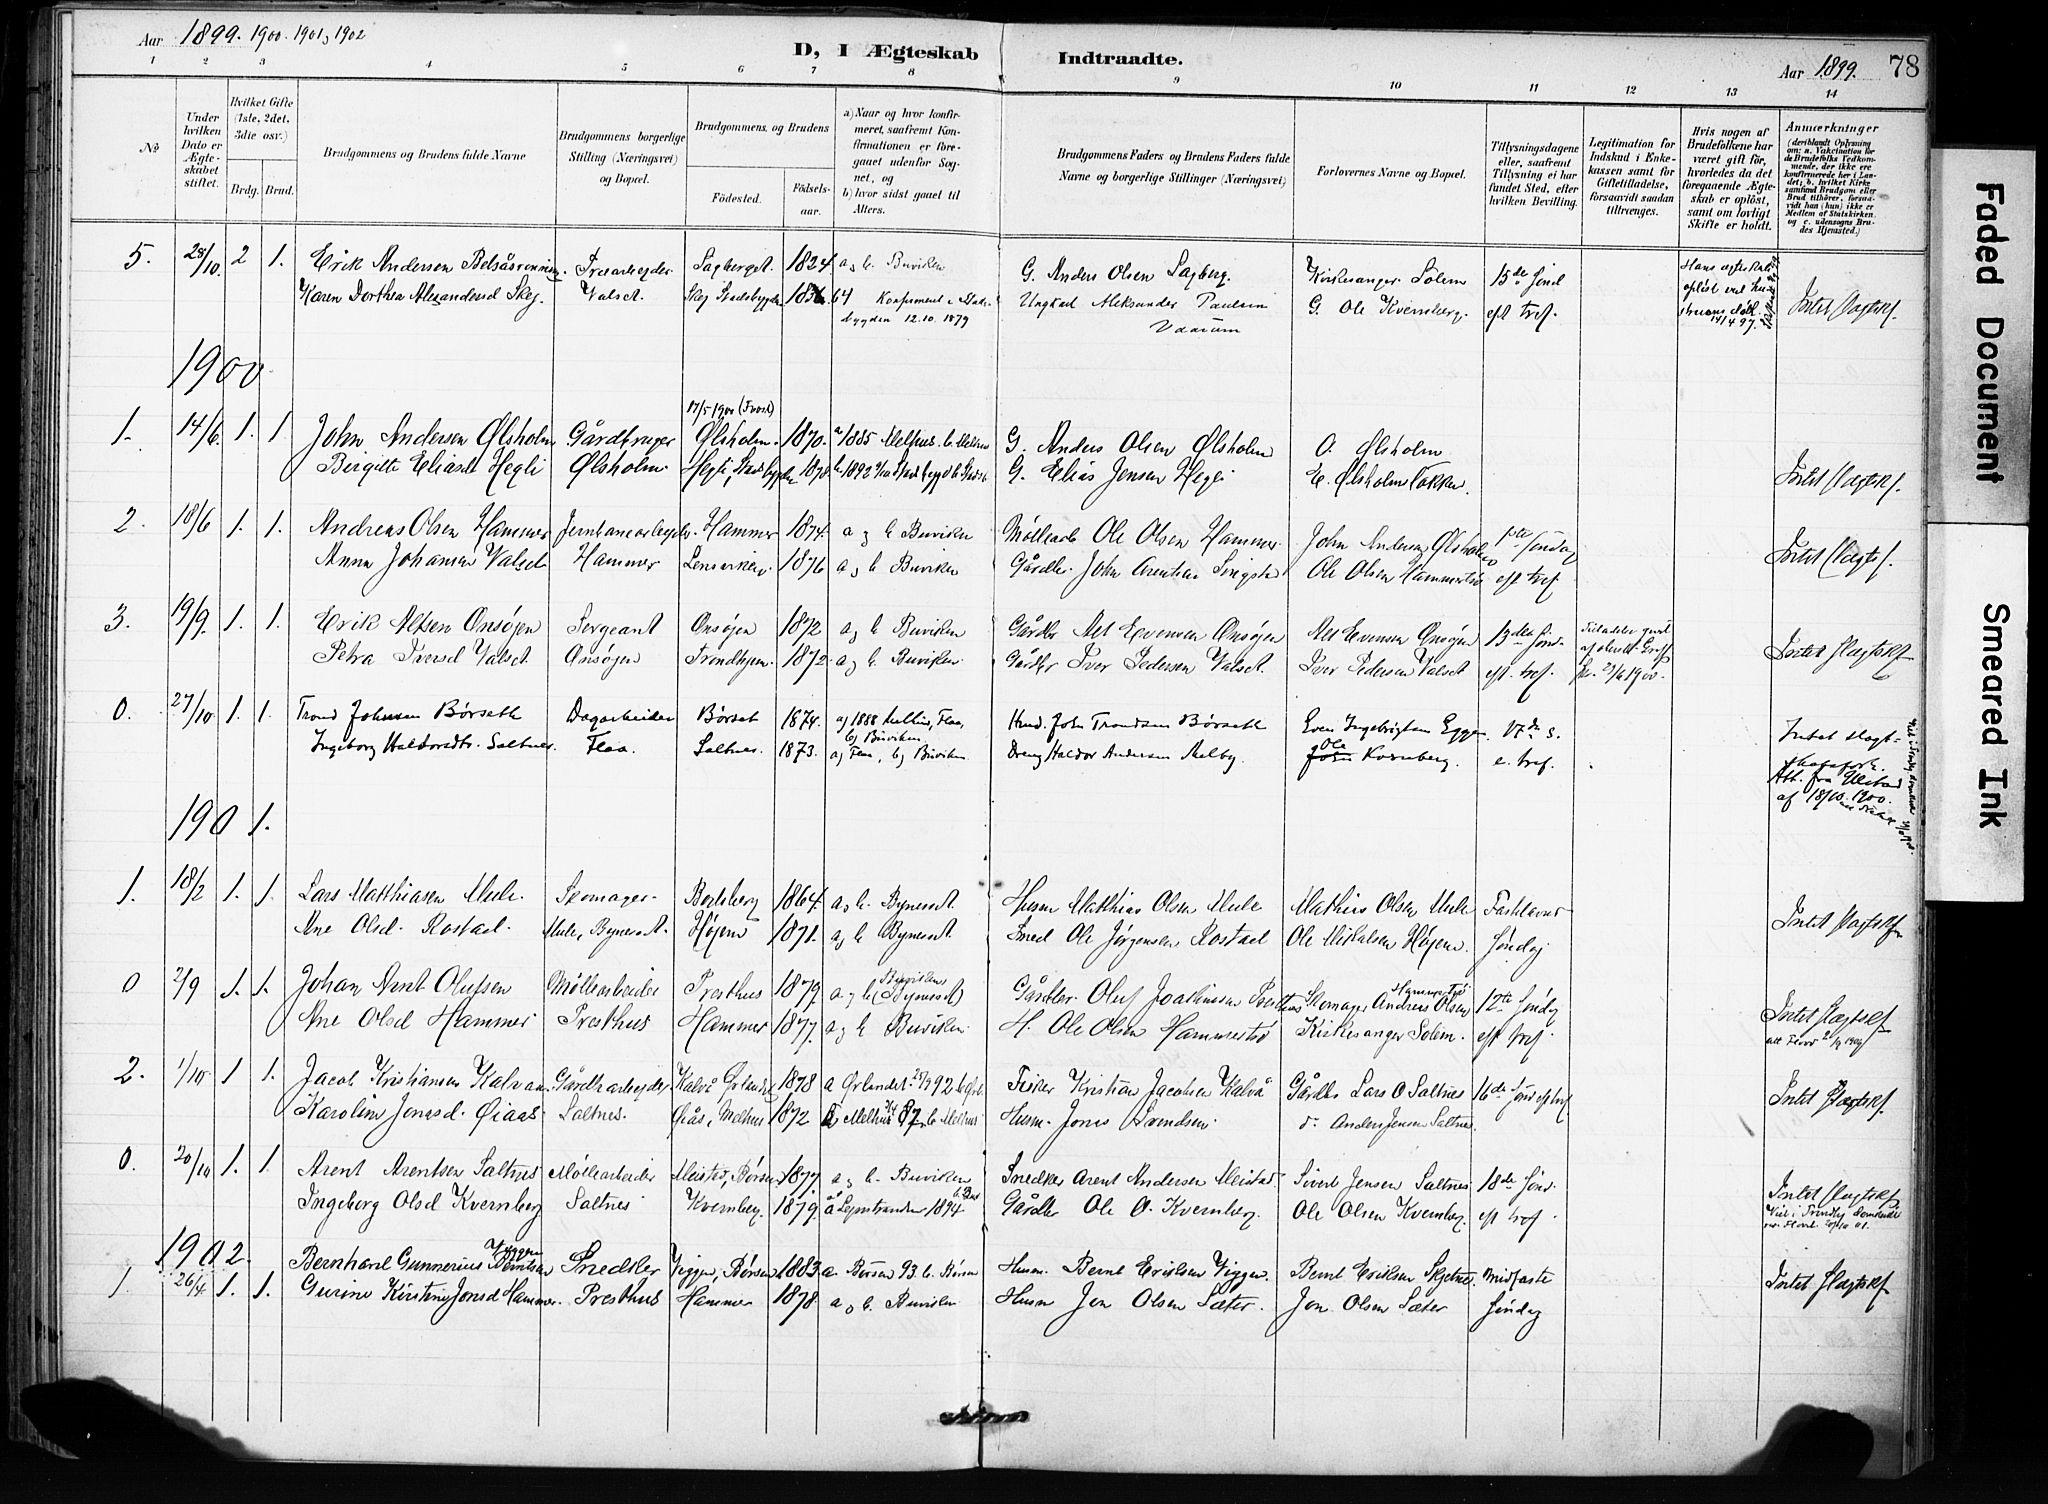 SAT, Ministerialprotokoller, klokkerbøker og fødselsregistre - Sør-Trøndelag, 666/L0787: Ministerialbok nr. 666A05, 1895-1908, s. 78